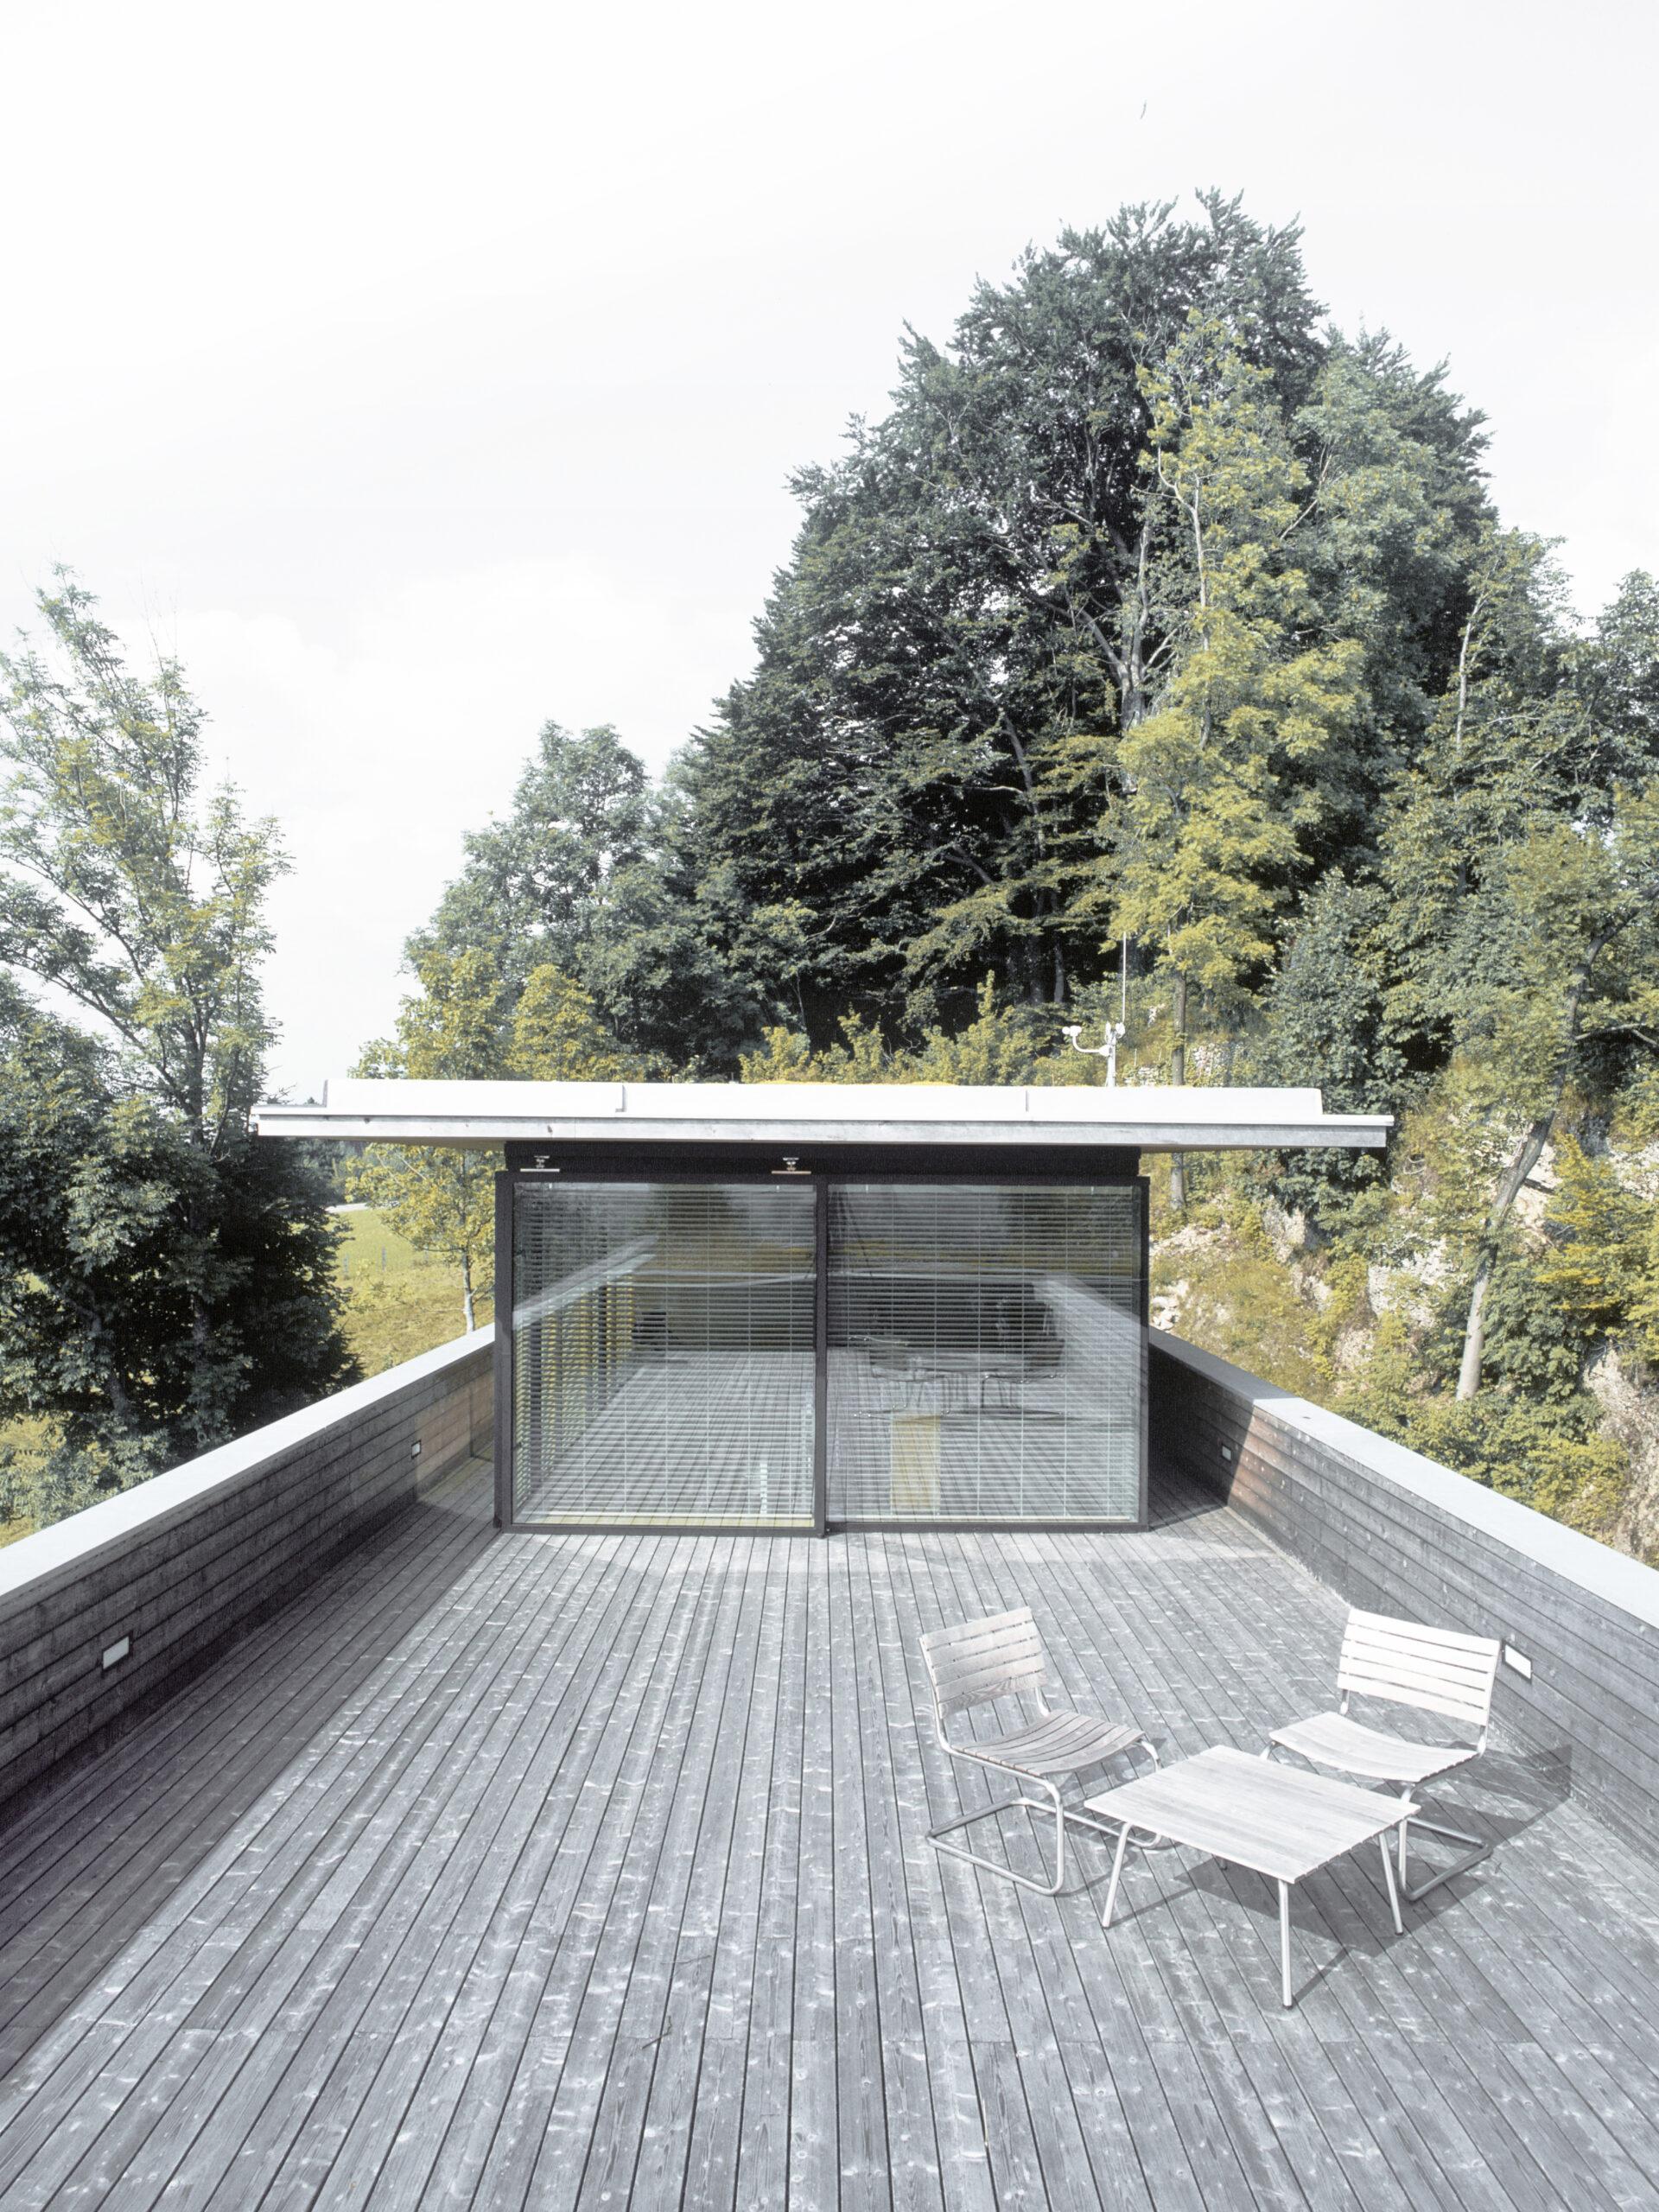 Michael-Becker-Architects-Architekten-Haus-h-03